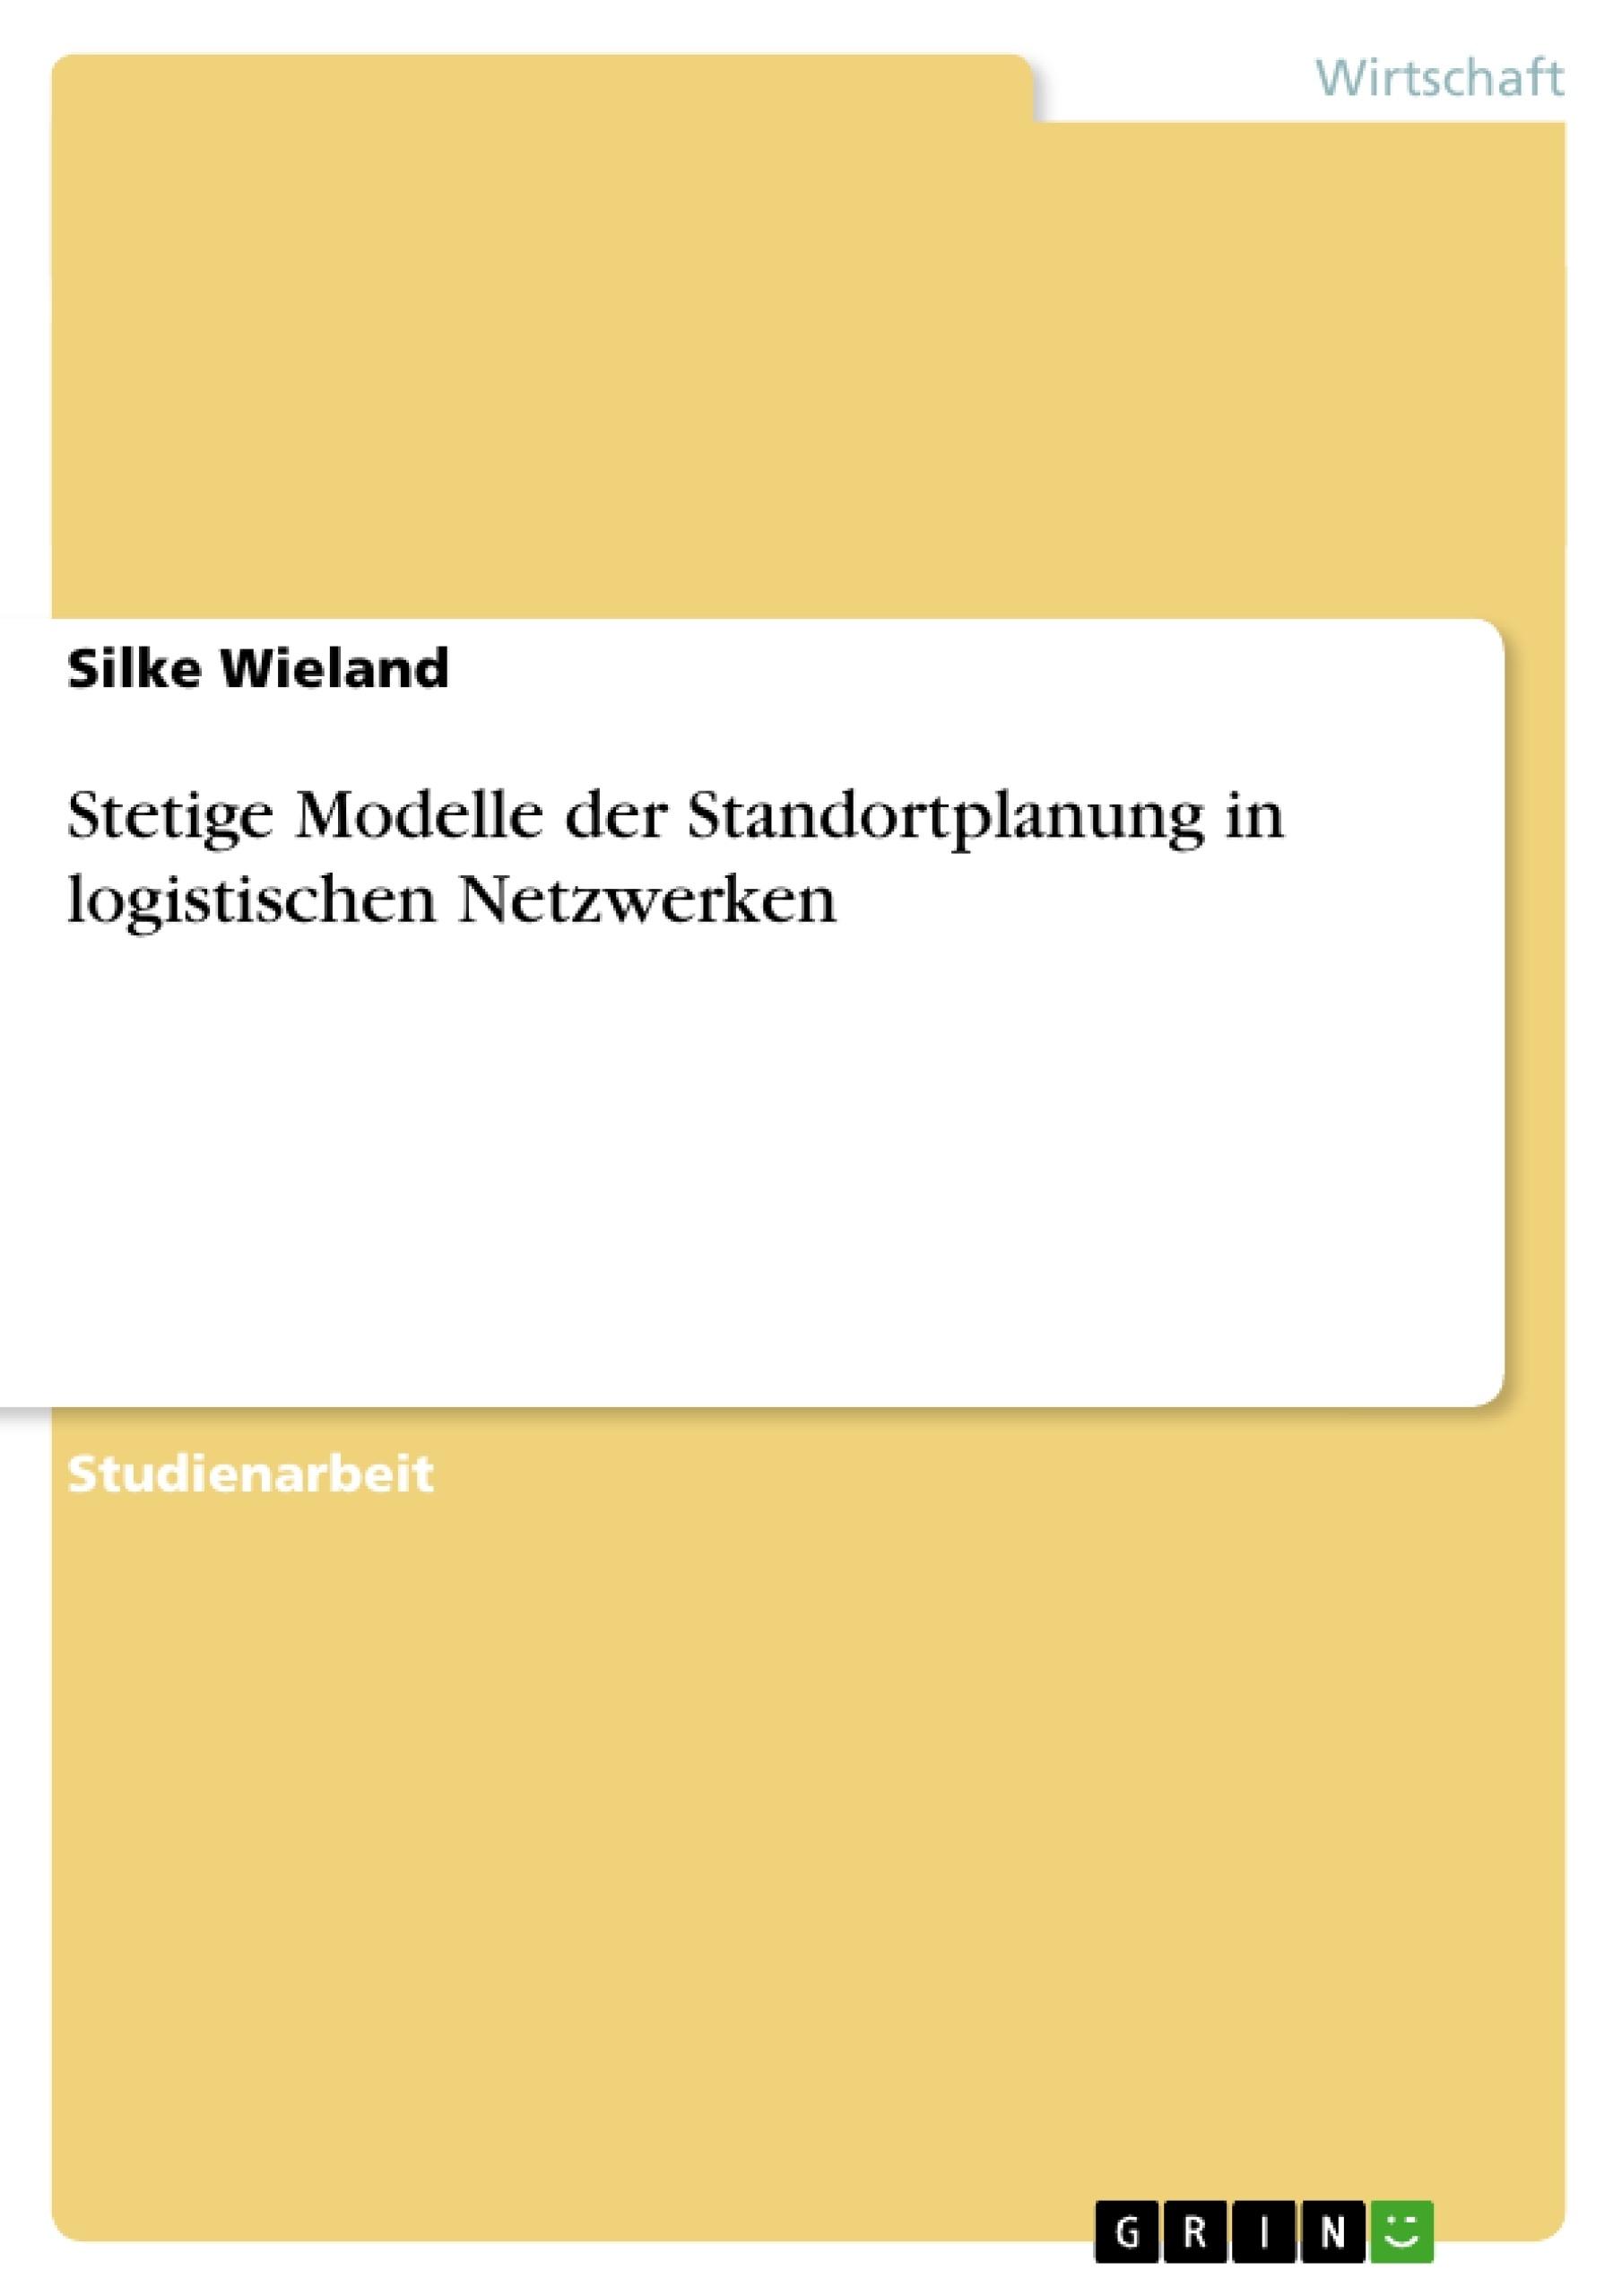 Titel: Stetige Modelle der Standortplanung in logistischen Netzwerken